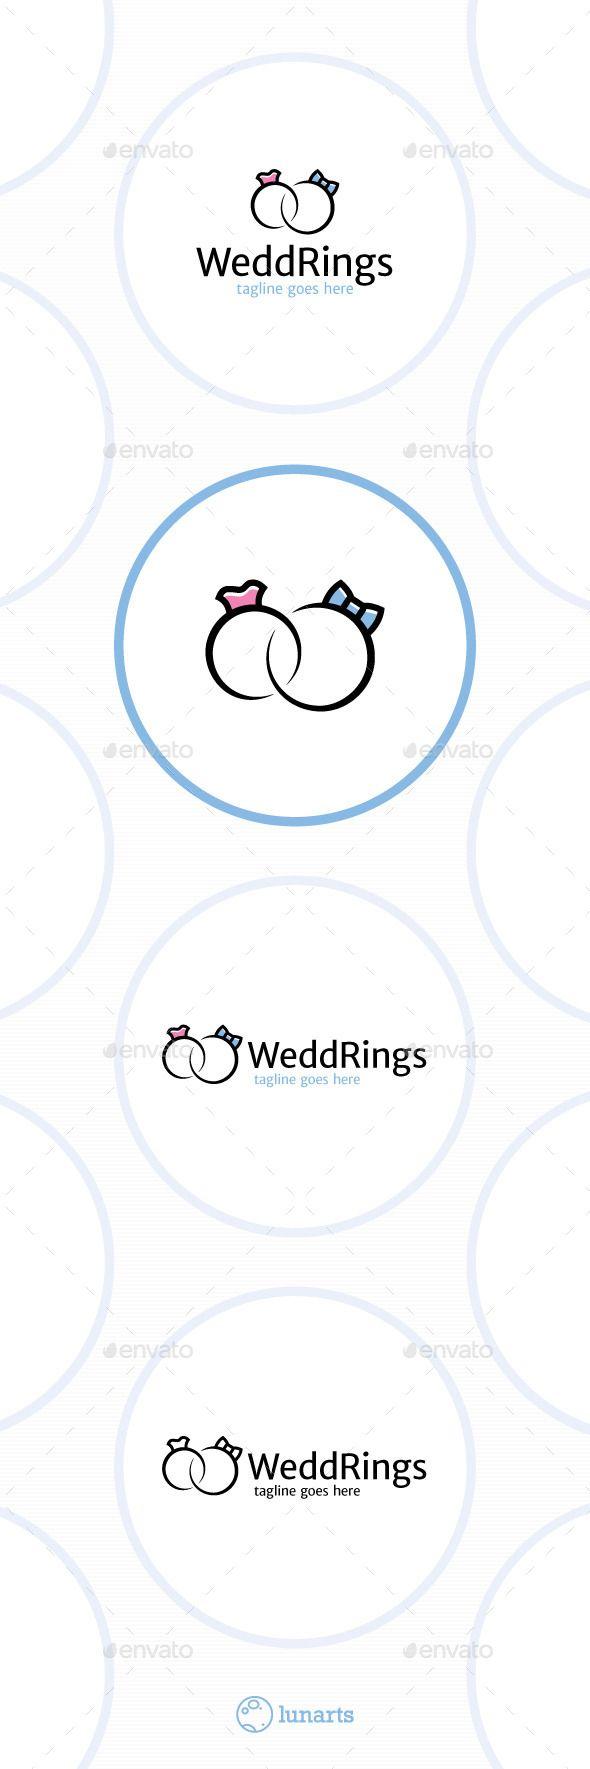 Die besten 25+ Ring logos Ideen auf Pinterest | Logo inspiration ...